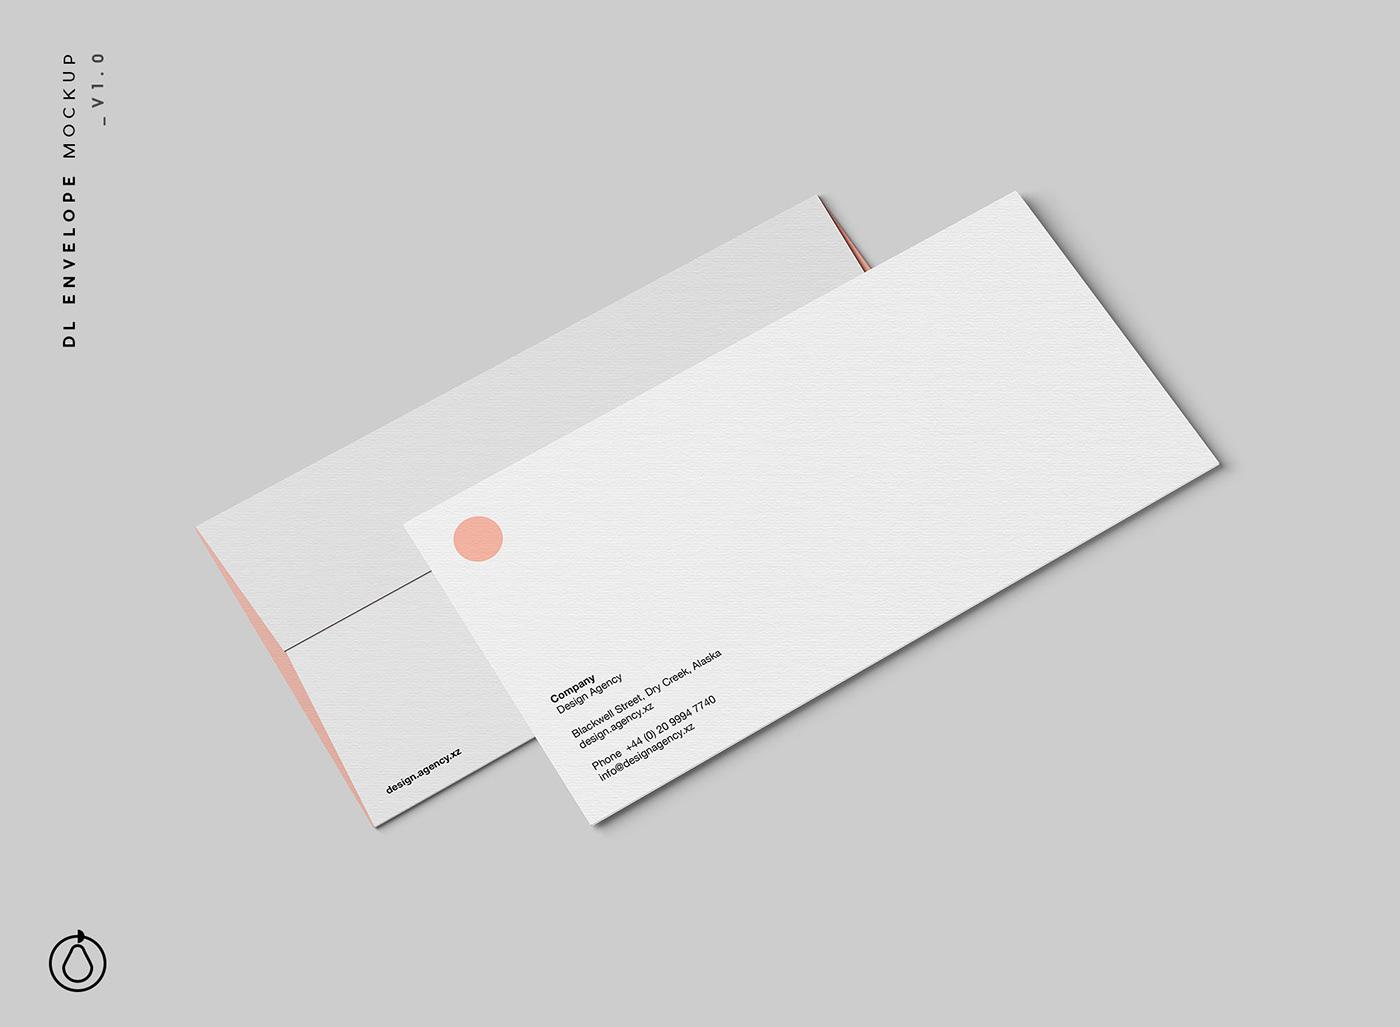 DL Envelope Mockup (PSD) on Behance